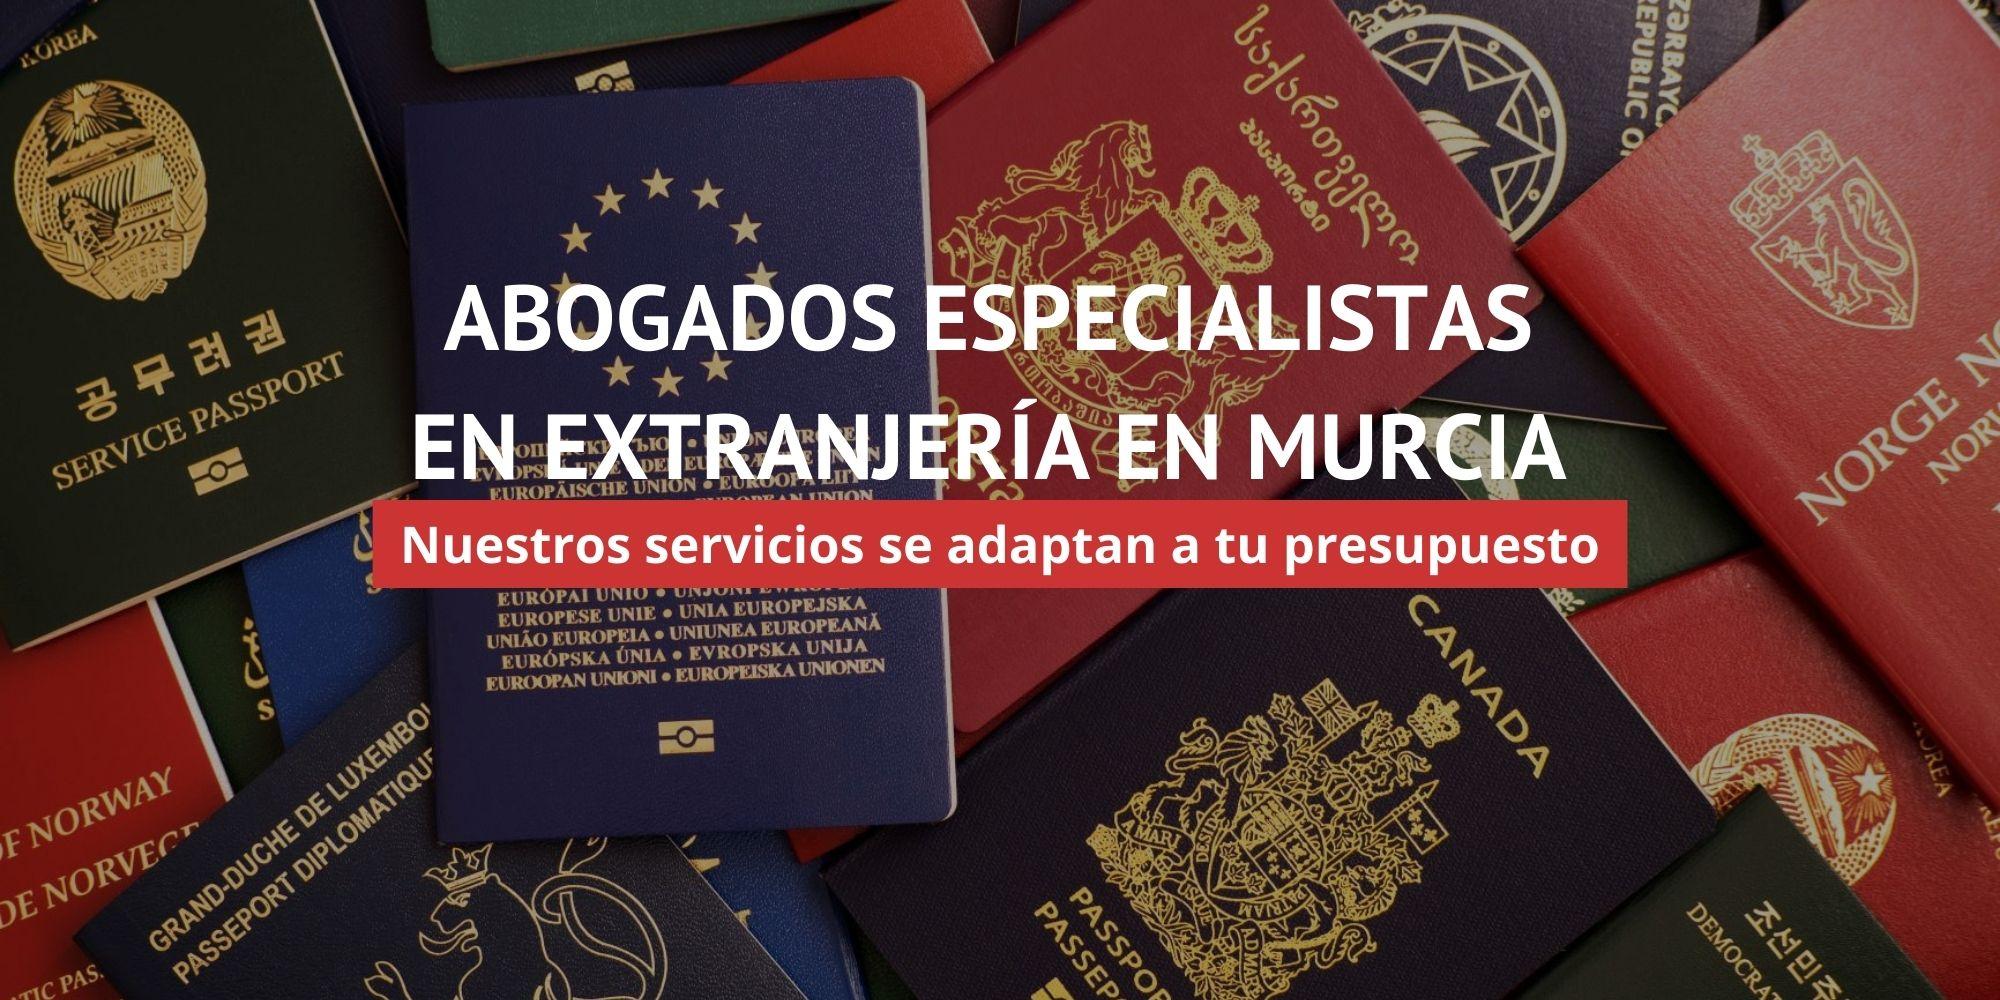 Abogados Extranjería Murcia - Primera Visita Gratis | ACC LEGAL ABOGADOS